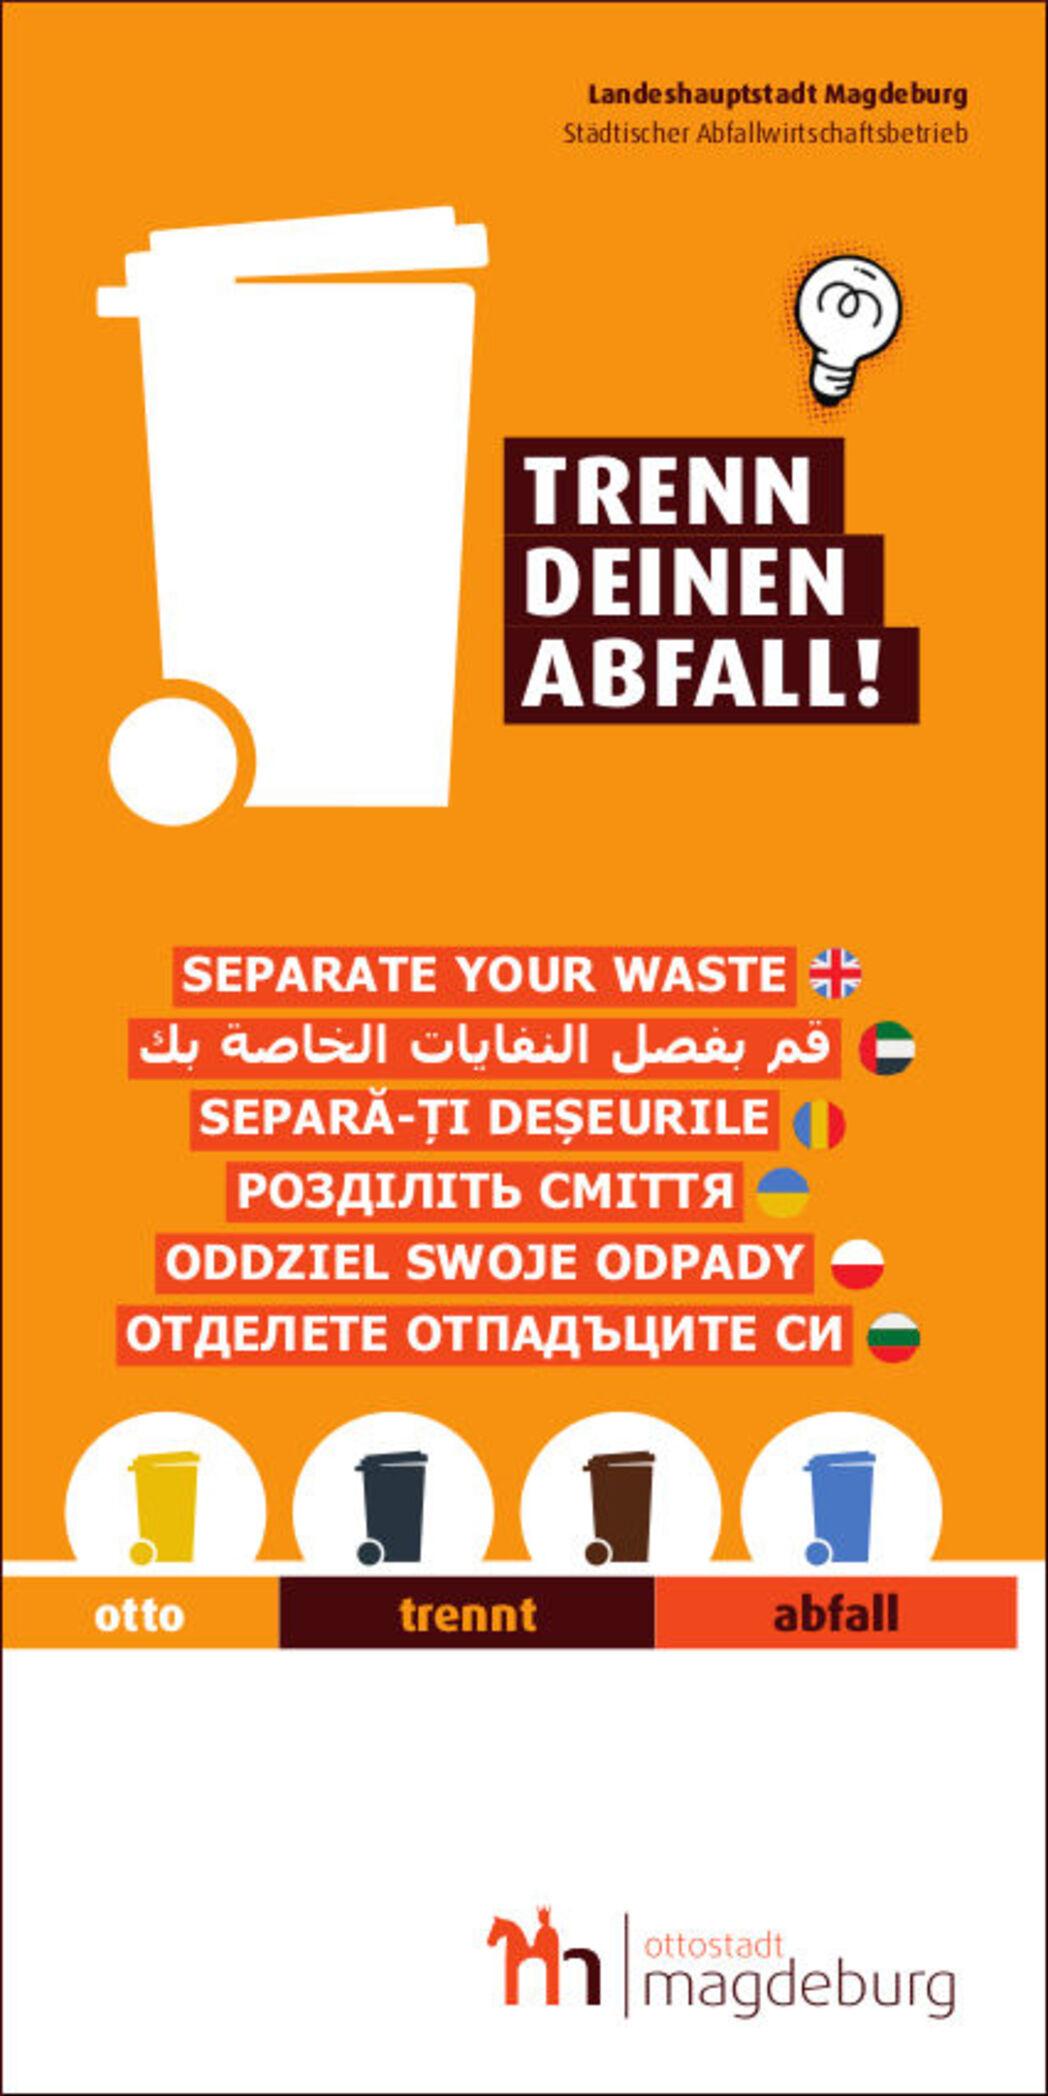 Titel Abfalltrennflyer mehrsprachig